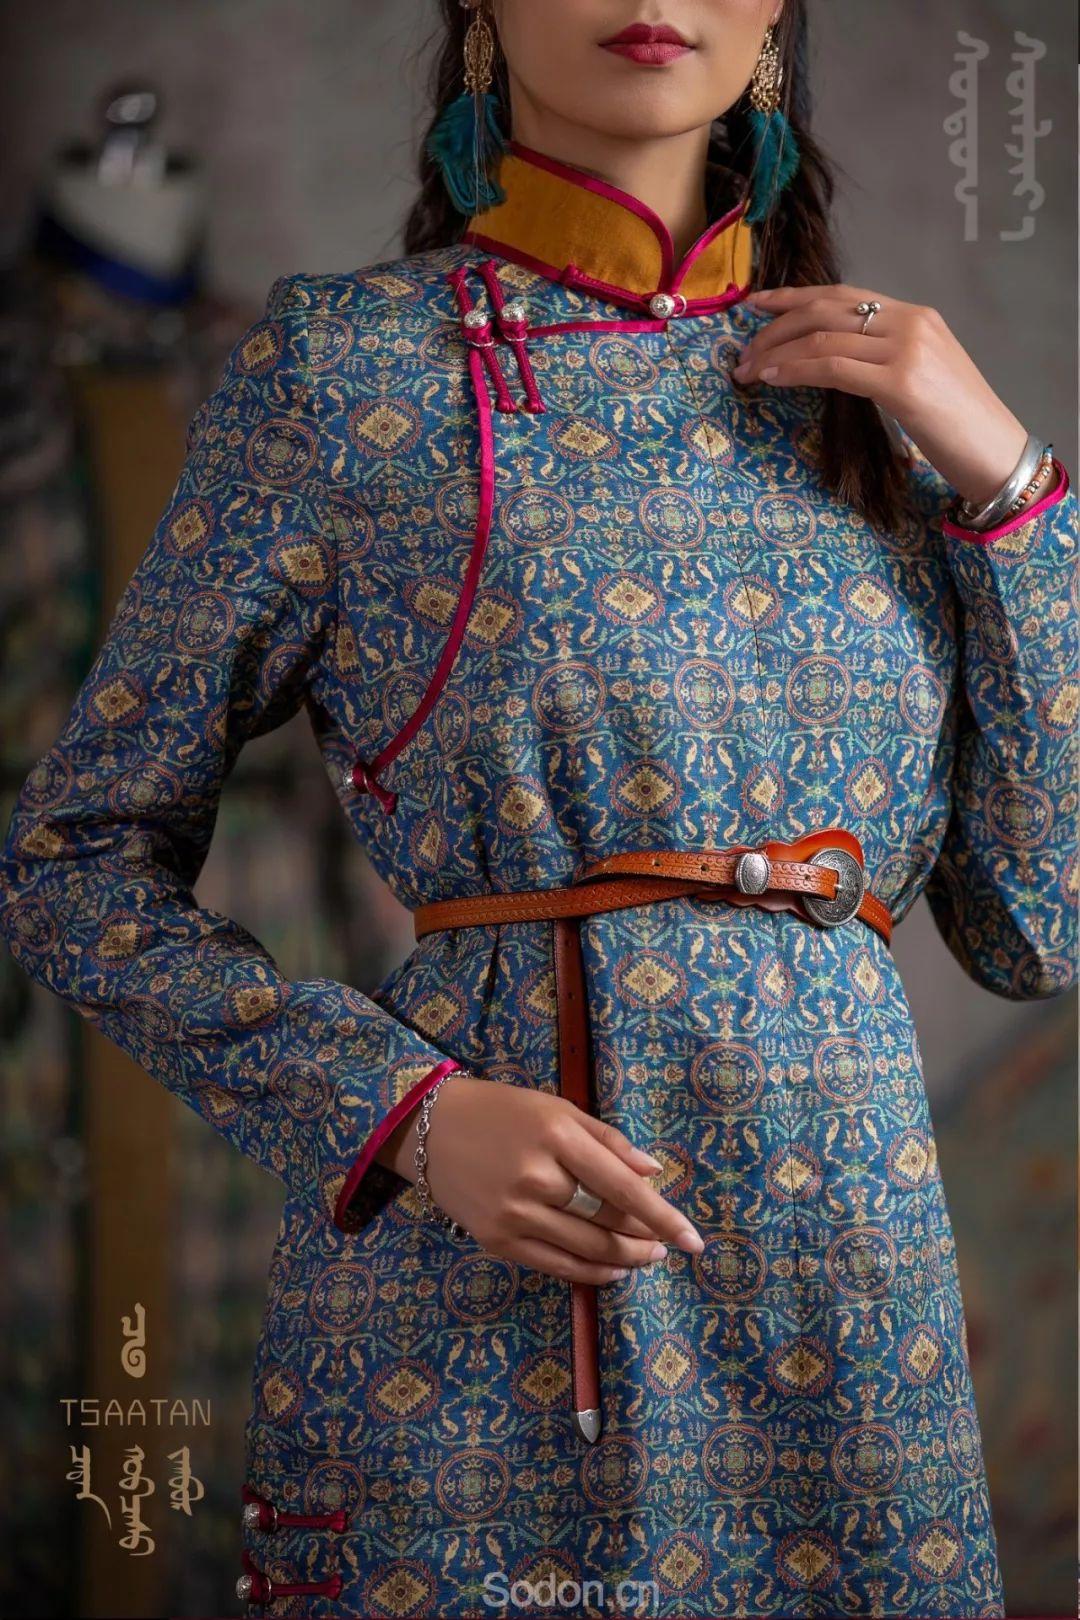 TSAATAN蒙古时装 2019新款,来自驯鹿人的独特魅力! 第28张